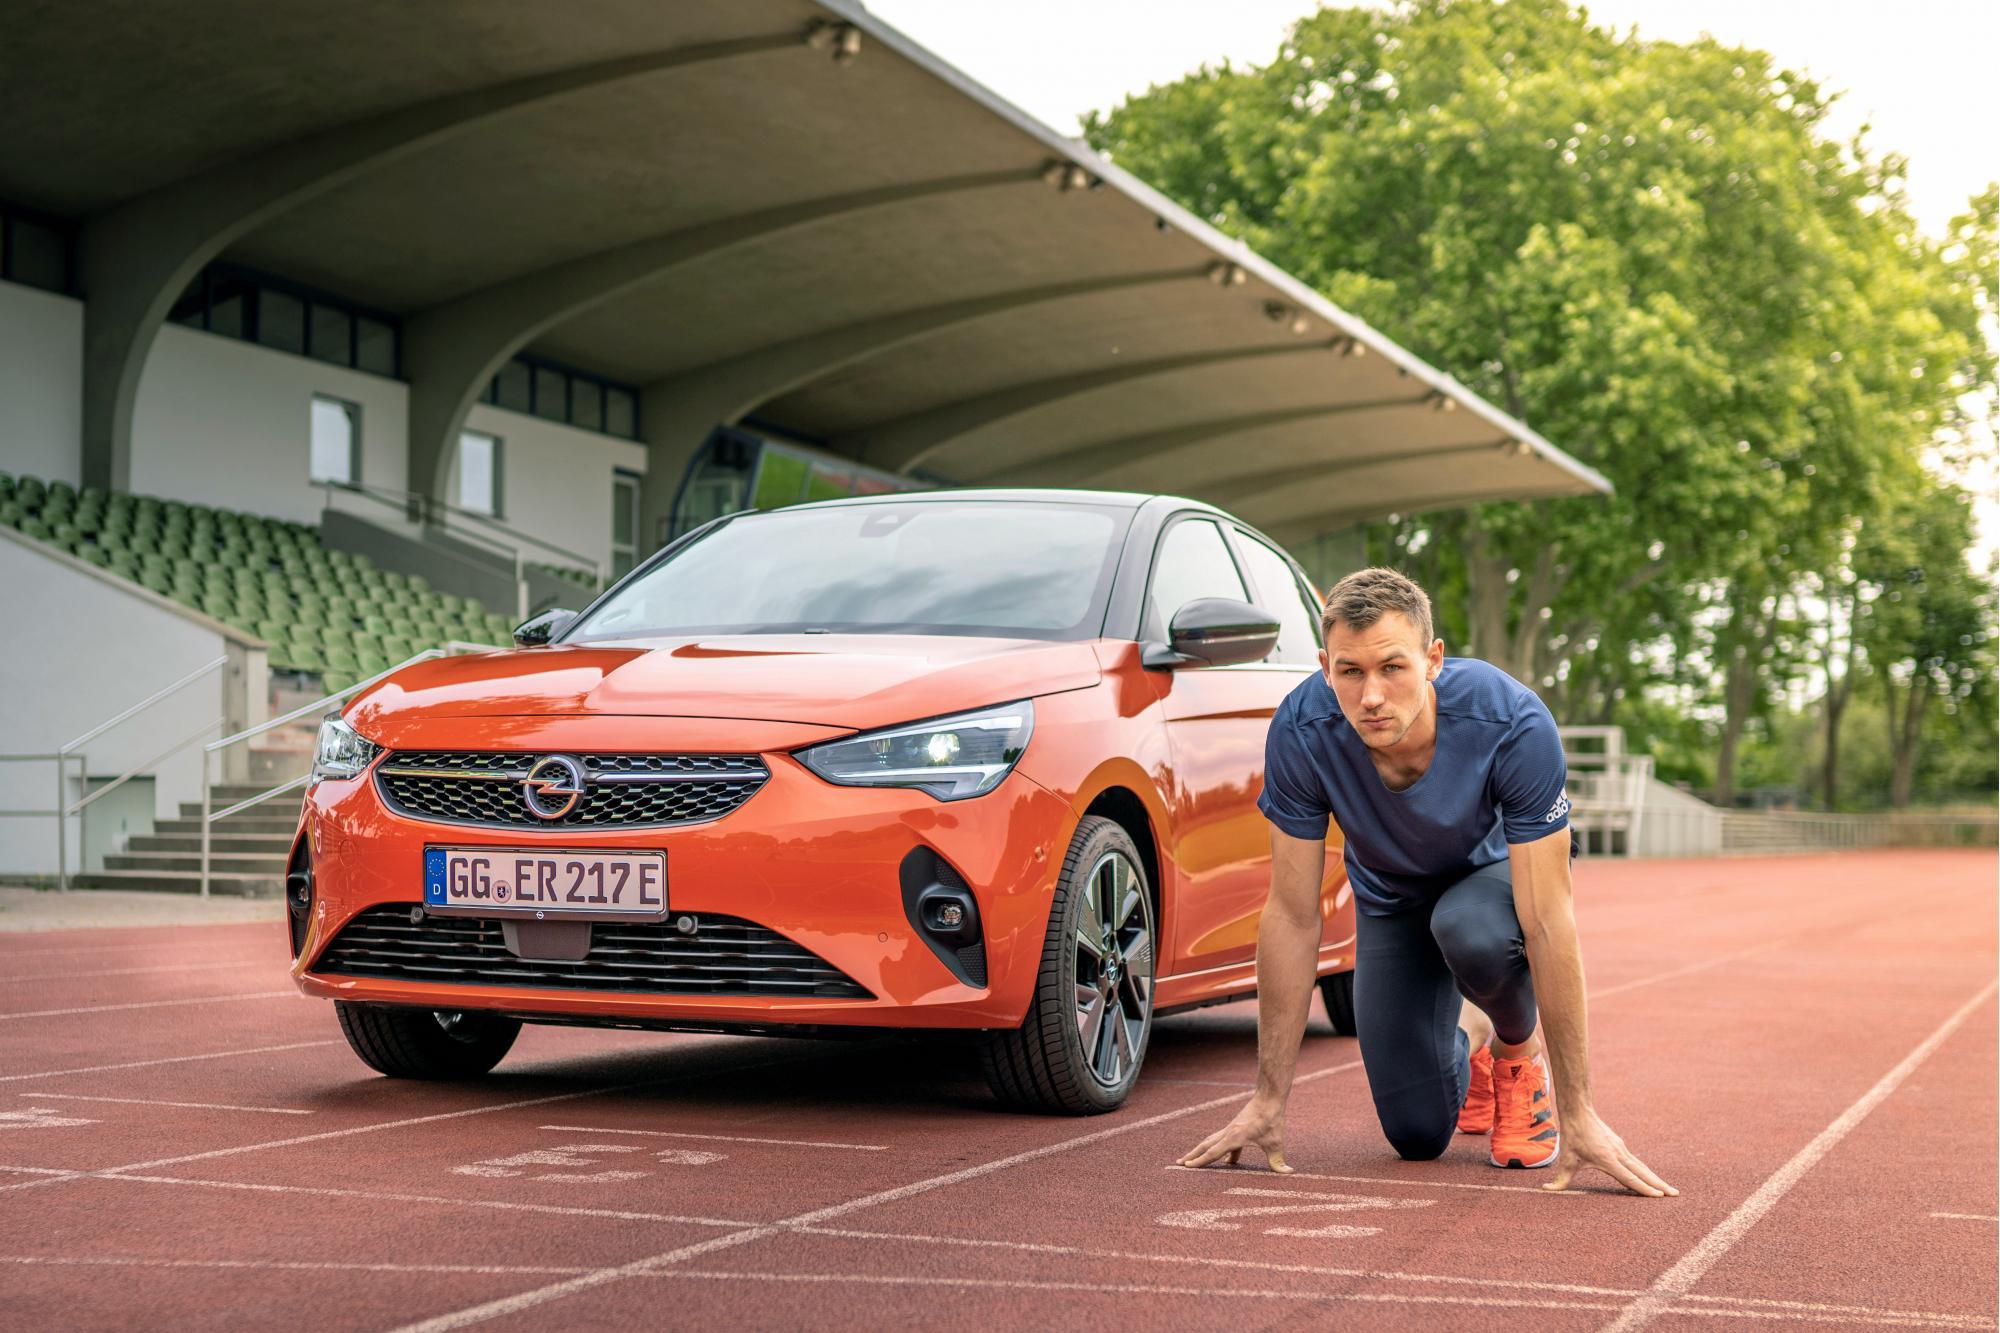 Ο Παγκόσμιος Πρωταθλητής στο Δέκαθλο Niklas Kaul Οδηγεί Opel